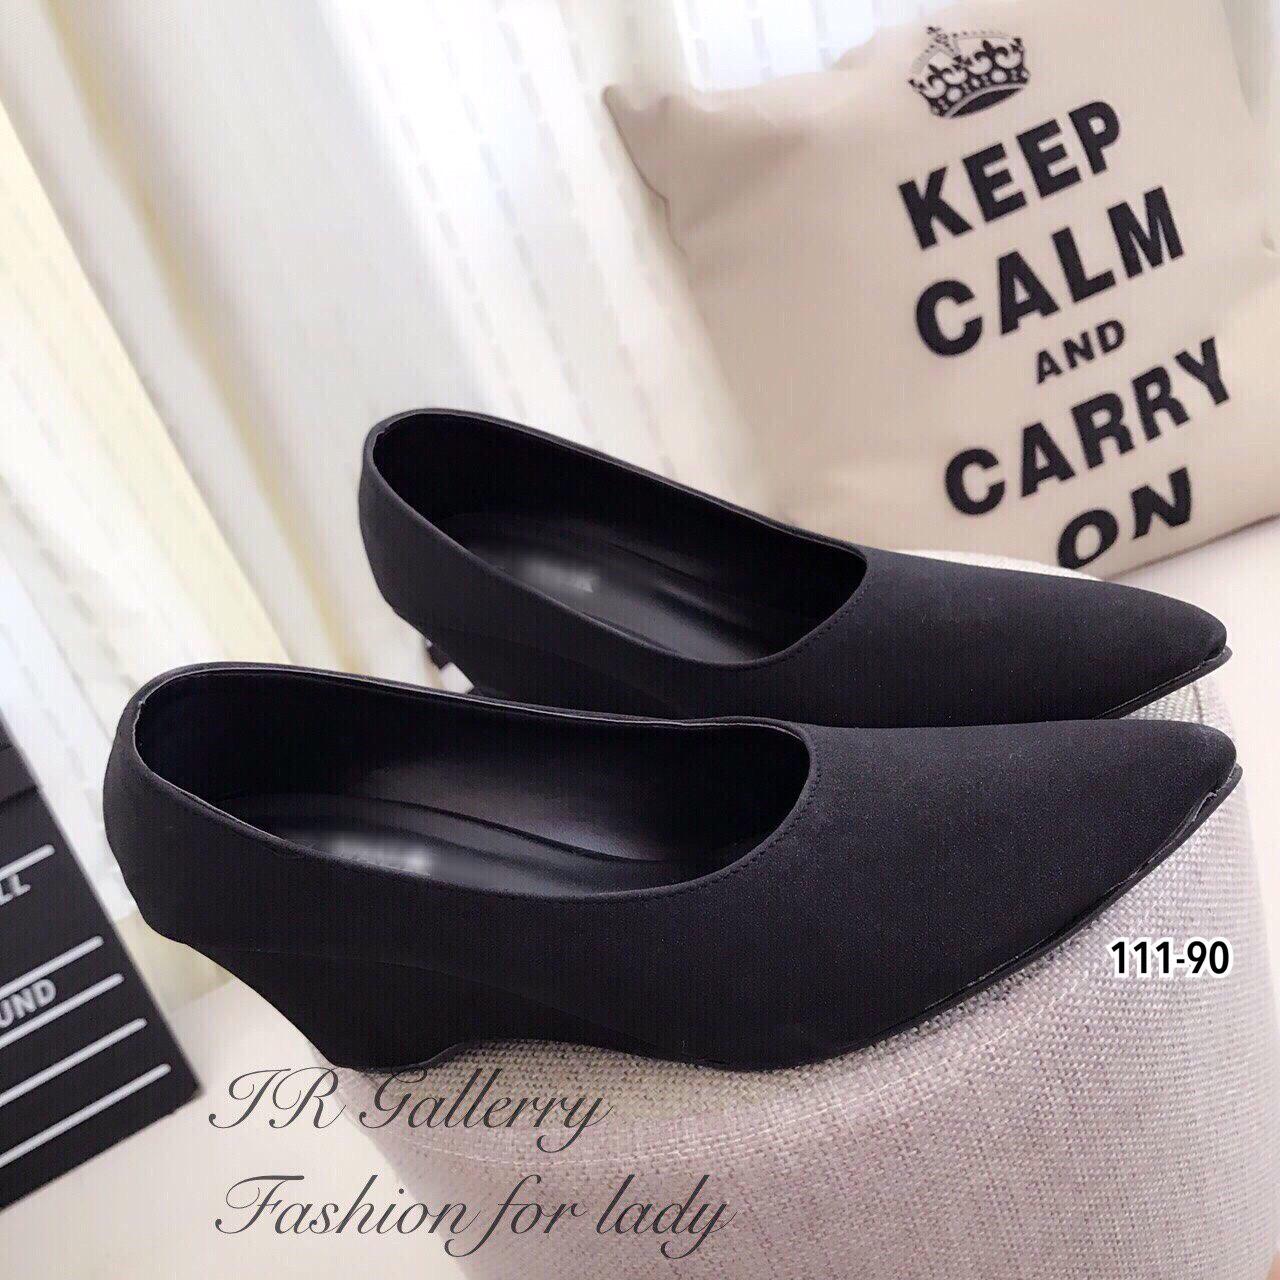 รองเท้าคัทชูส้นเตารีดสีดำเรียบ